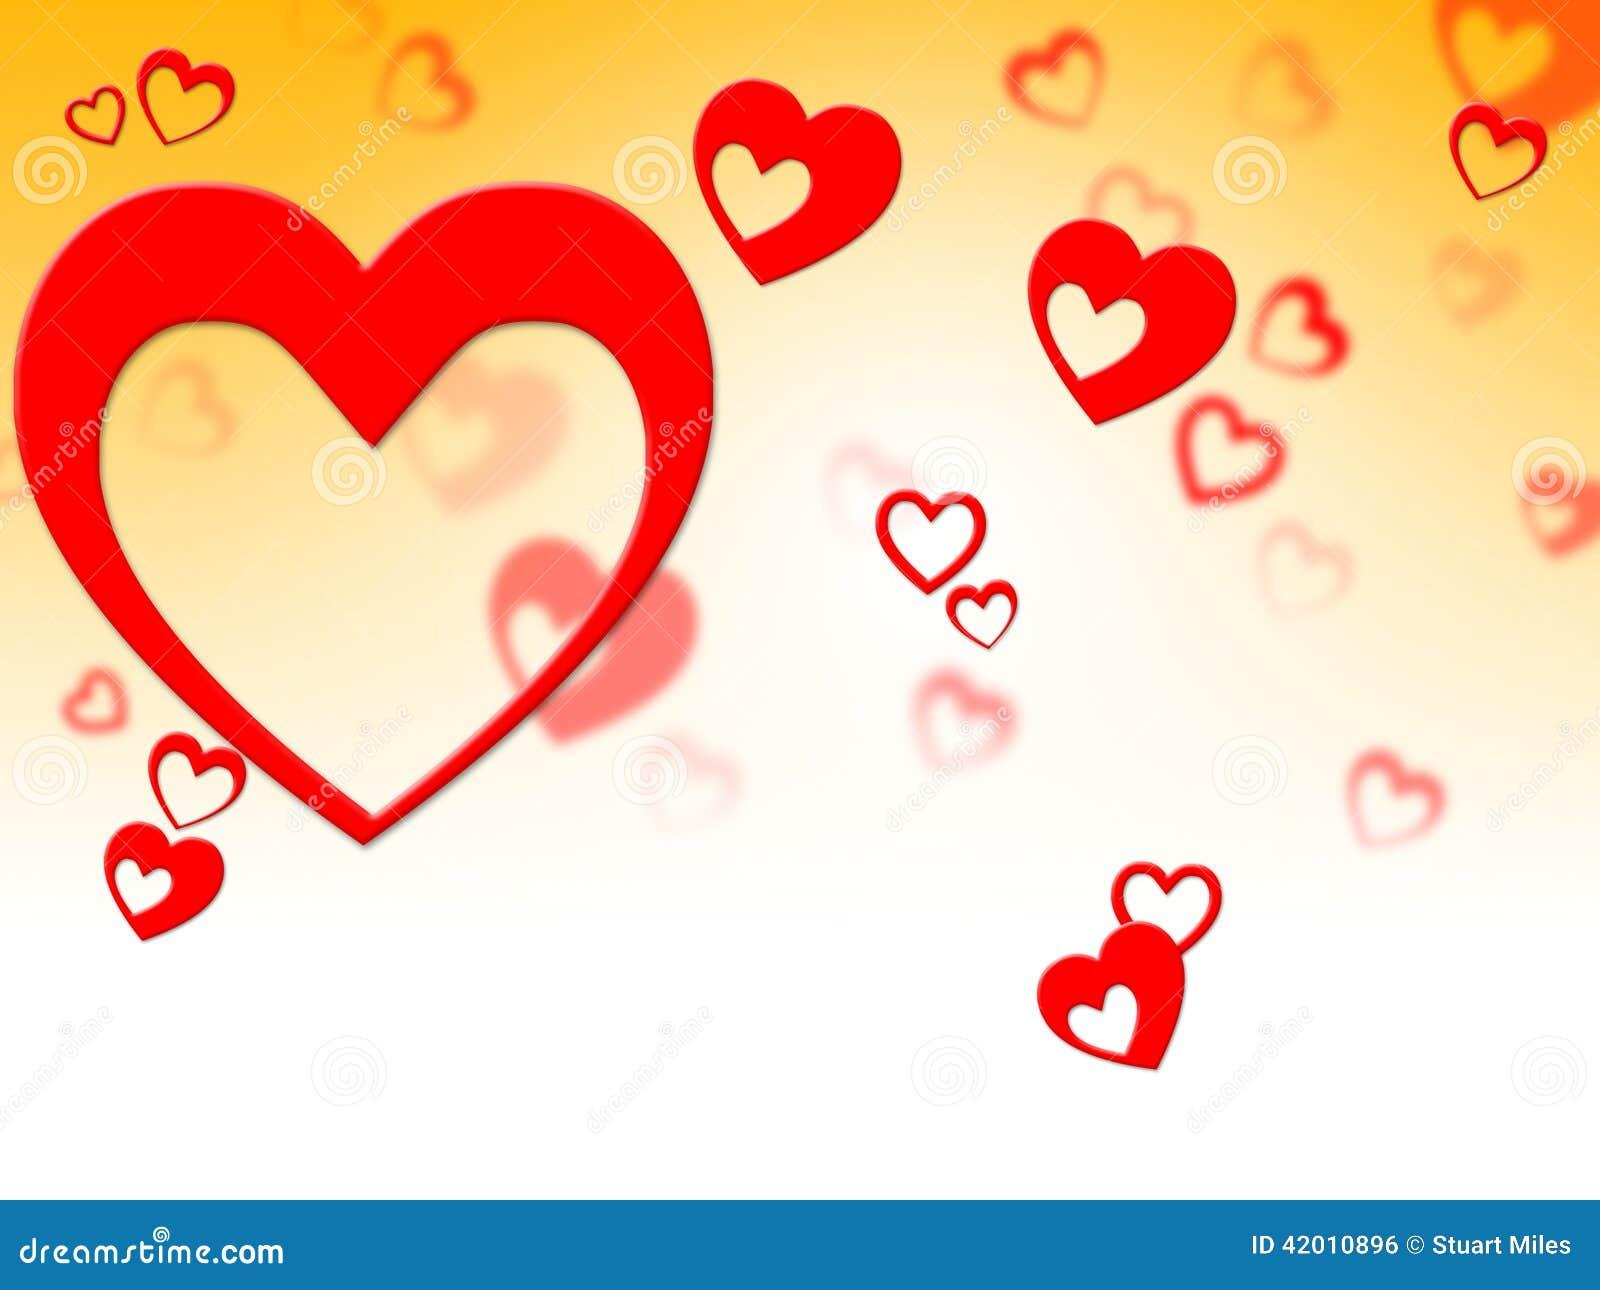 Herz-Strahlen Stellt Valentine Day And Background Dar Stock ...